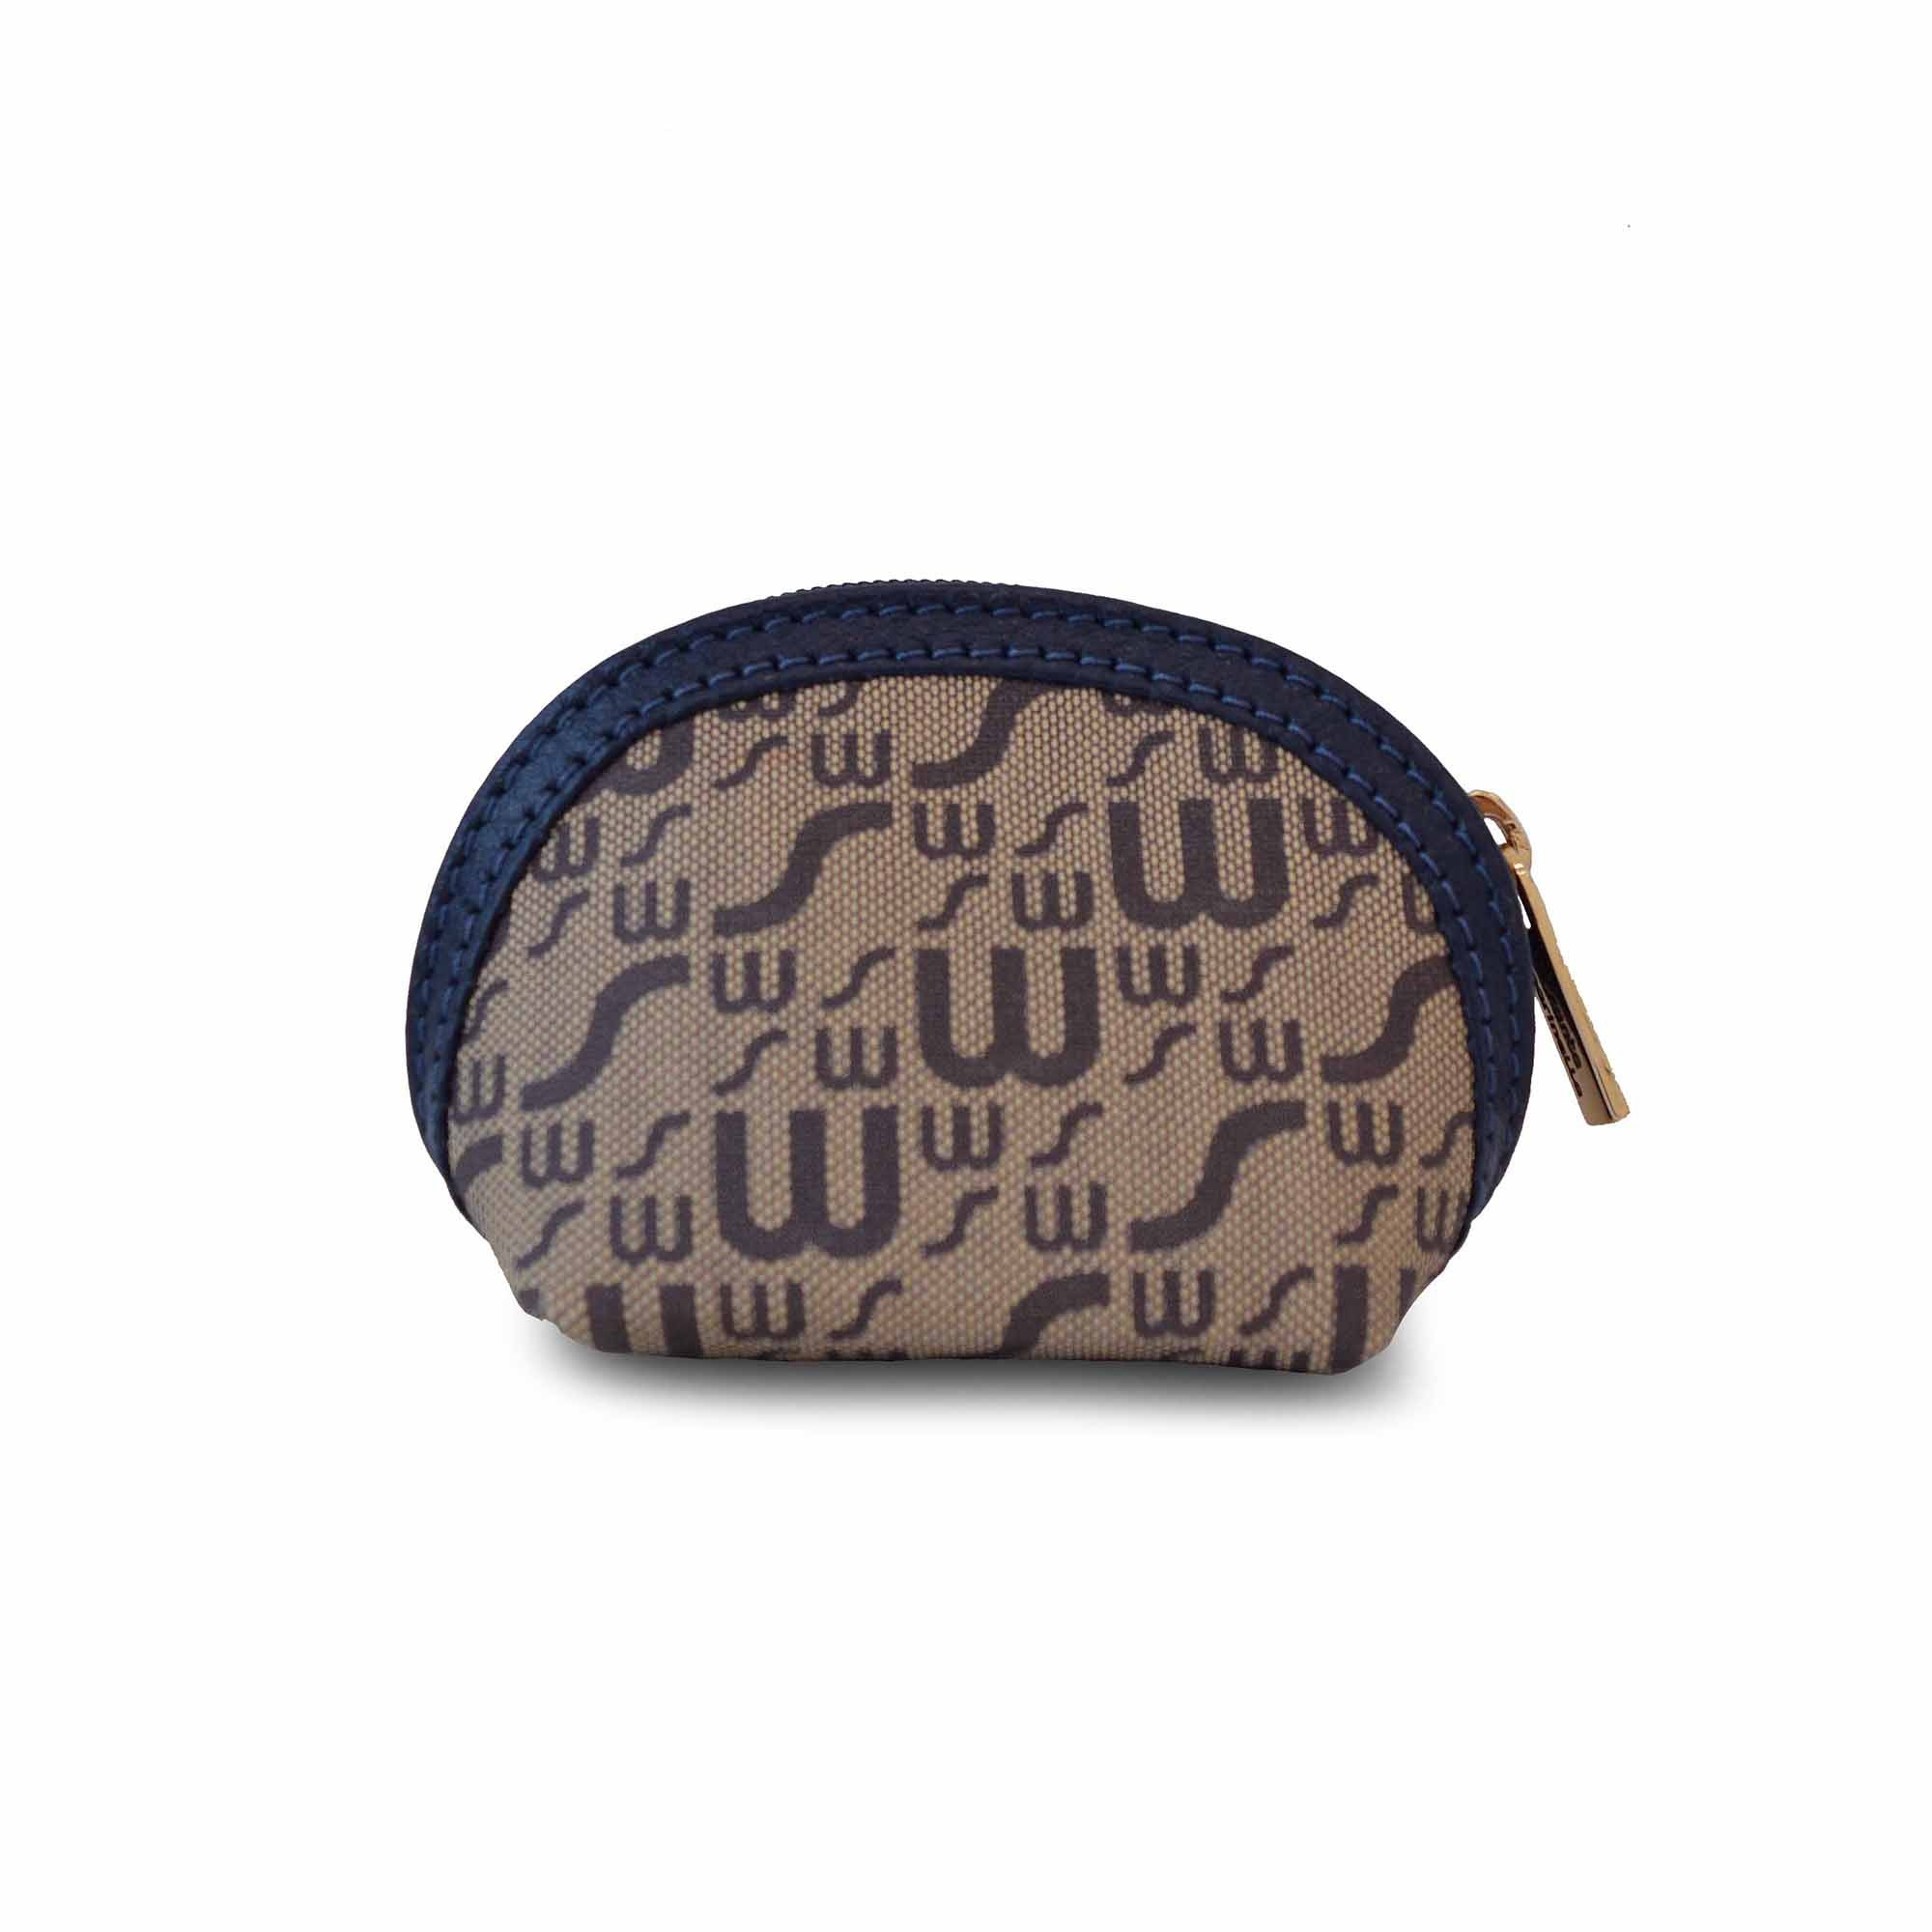 KIT Bolsa Sacola SM 2610, Carteira de Mão C362 e Porta Níquel C184 Couro Floater